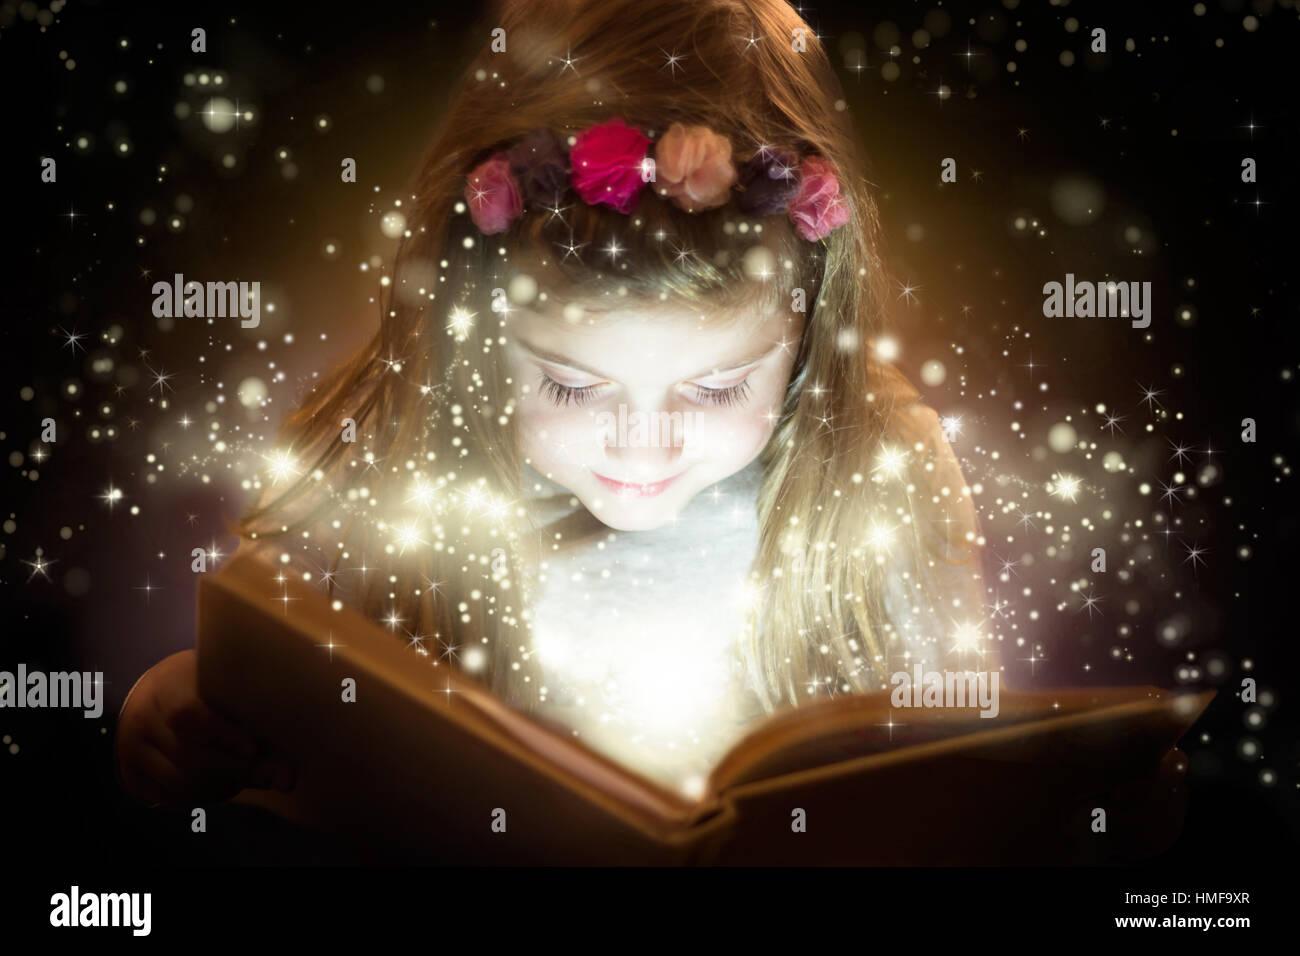 Wunderschönes kleines Mädchen lesen magisches Buch, Fantasy-Konzept Stockbild